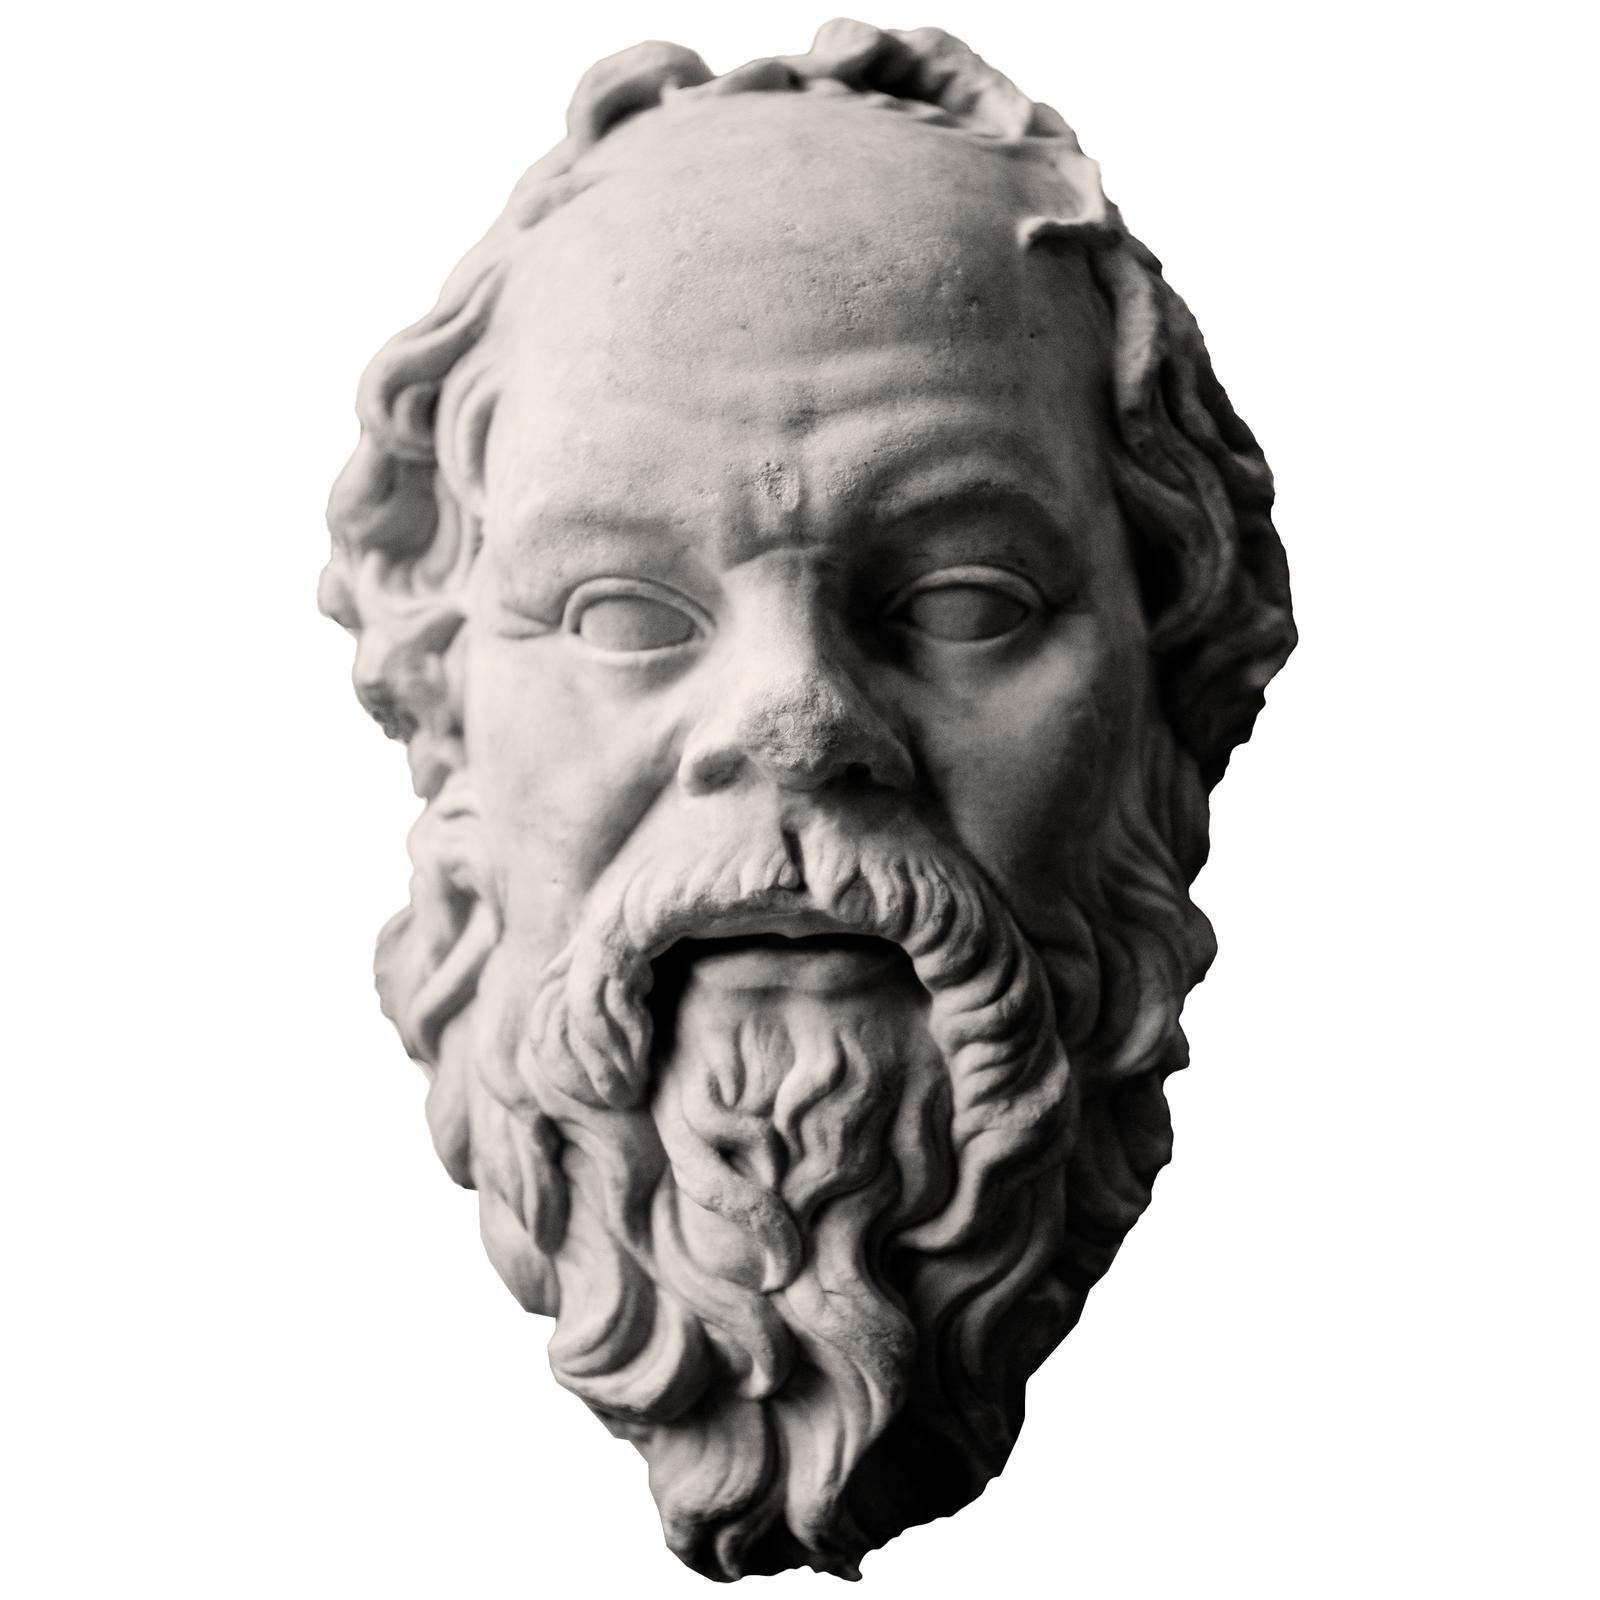 Sokrates – podobiznaprzechowywana wLuwrze wParyżu Sokrates – podobiznaprzechowywana wLuwrze wParyżu Źródło: Derek Key, Wikimedia Commons, licencja: CC BY 2.0.